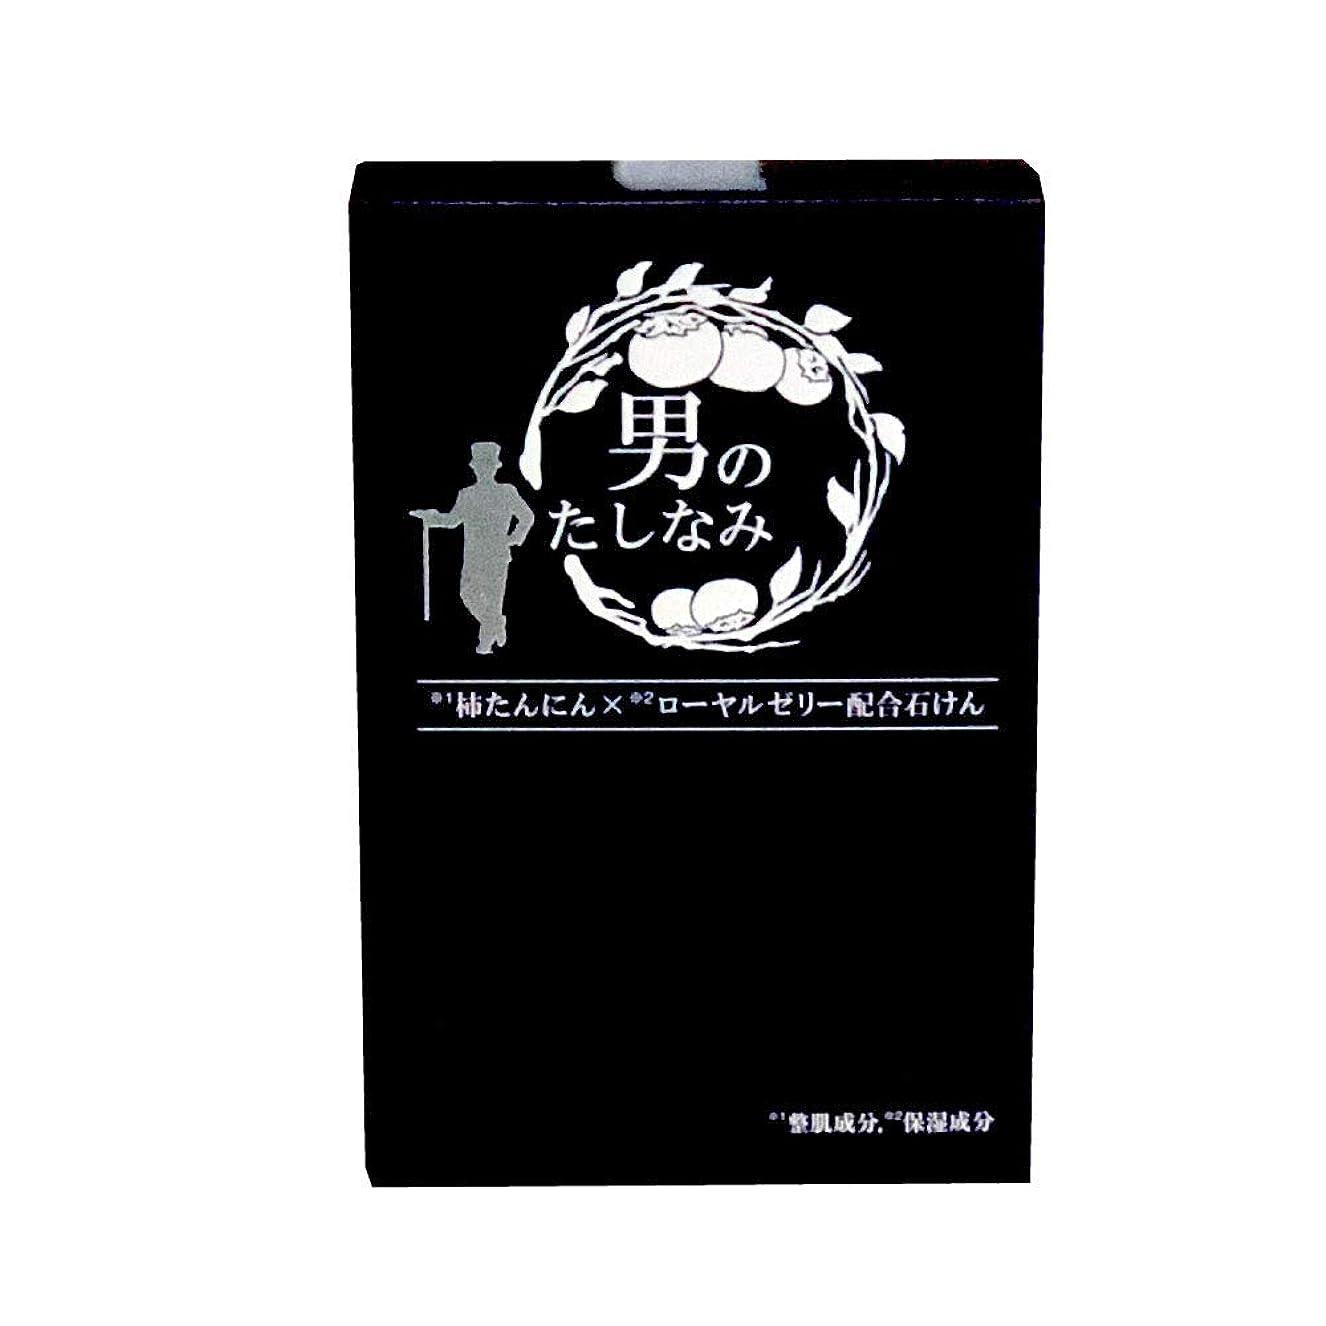 浸食モーテルダッシュ【初回限定 お試し価格】 柿渋石鹸 男のたしなみ (100g)